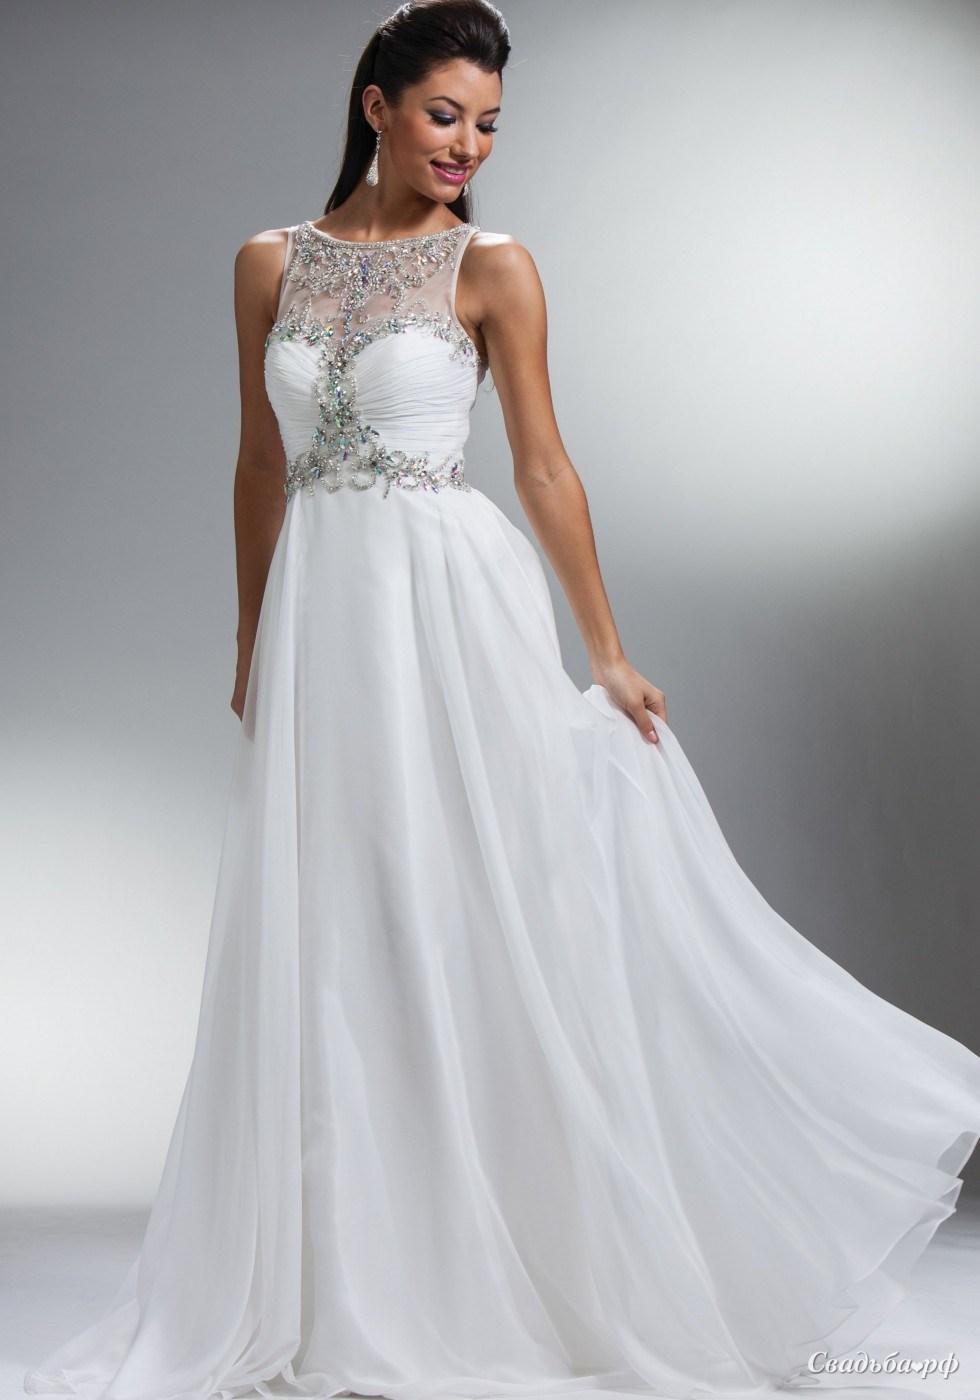 вечерние белые платья на свадьбу фото некоторые